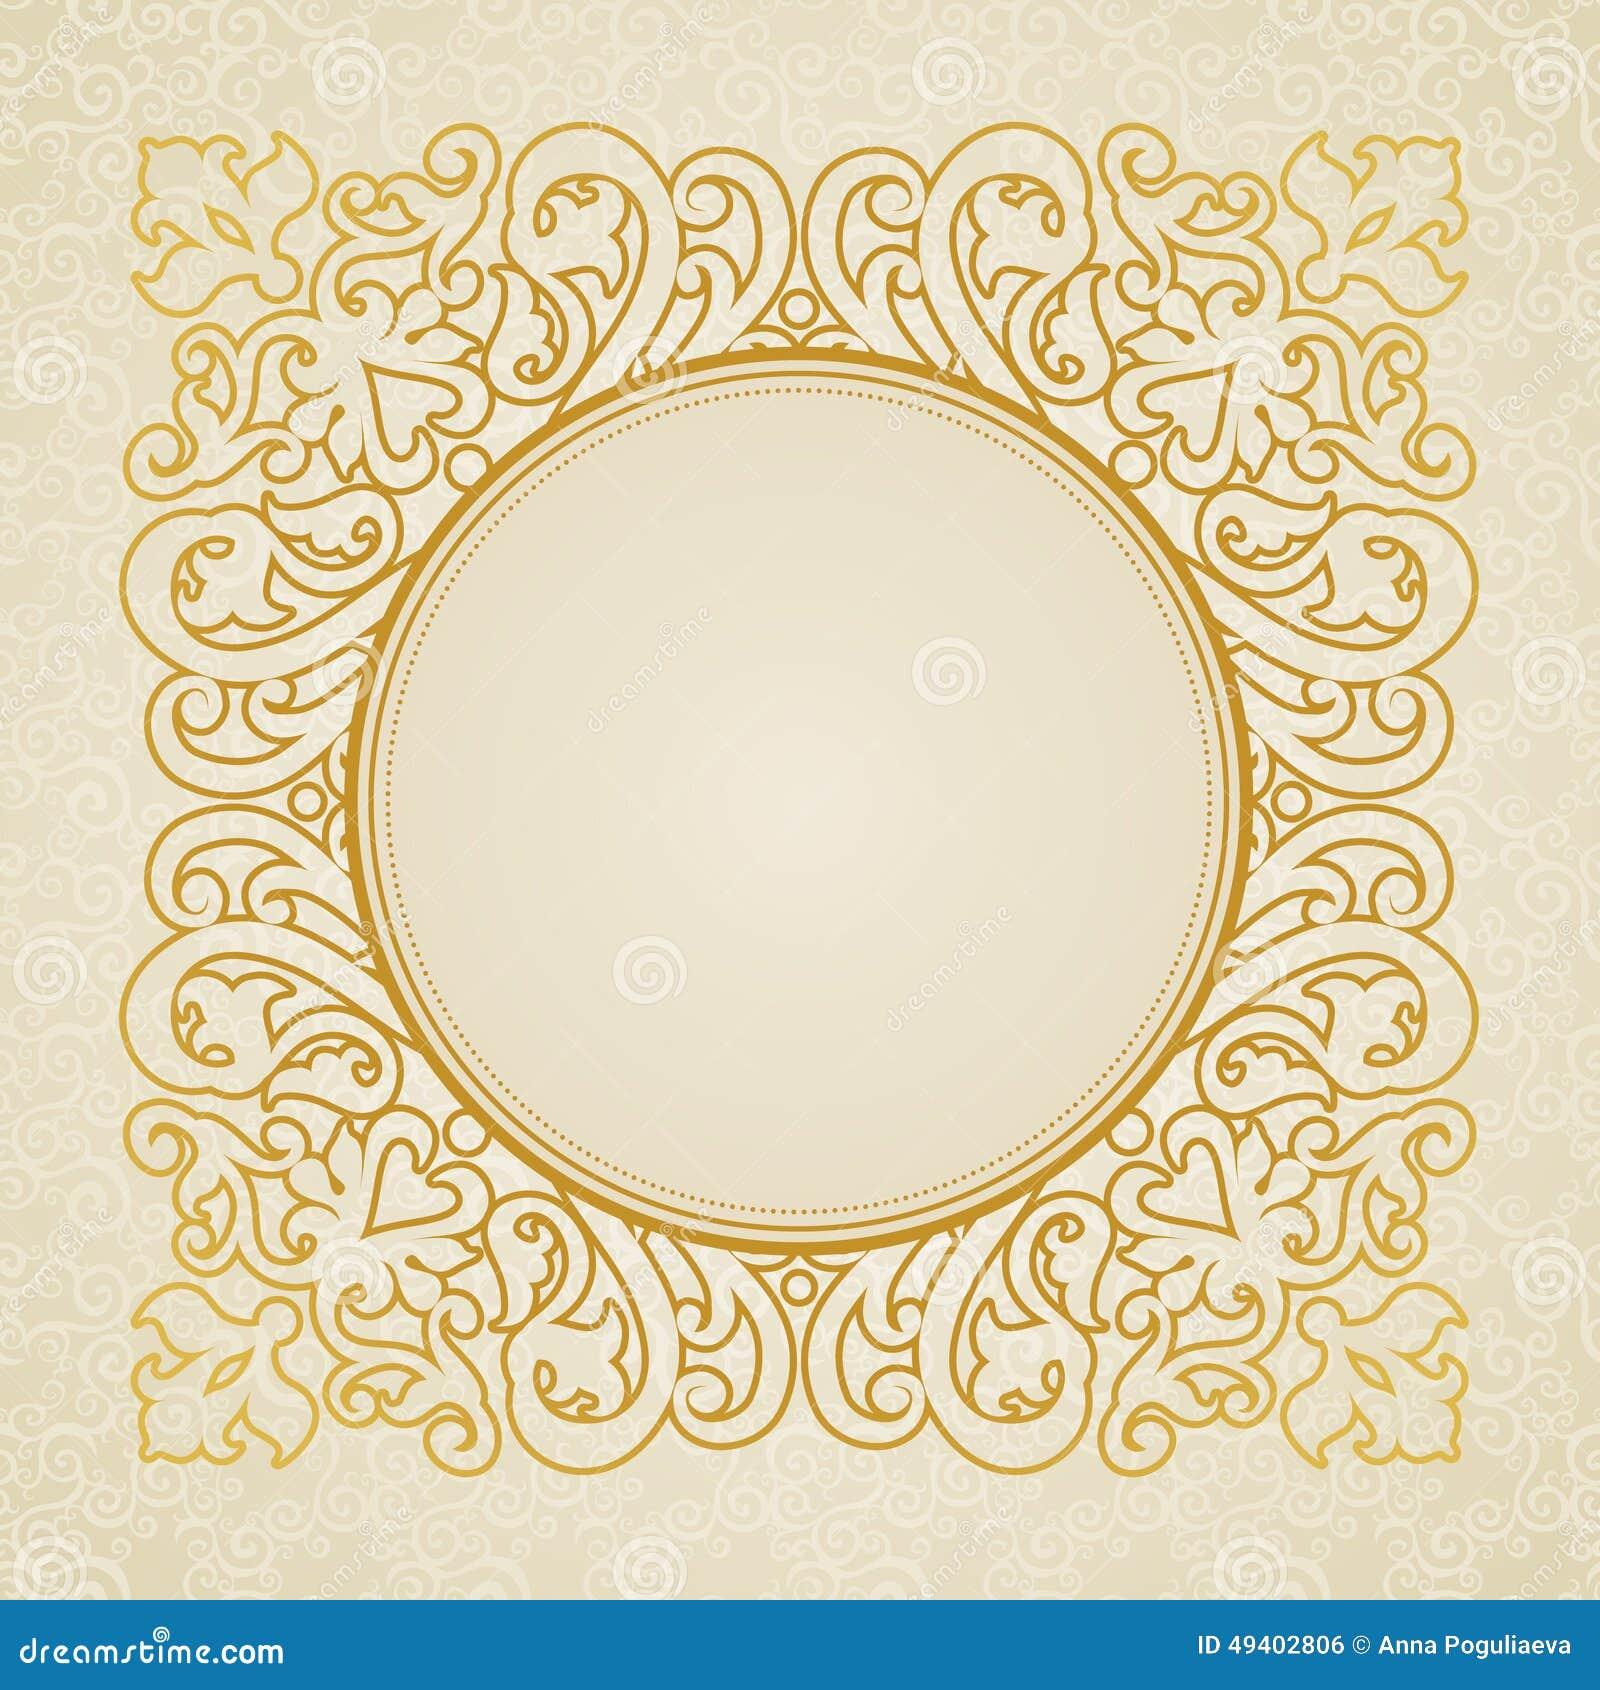 Download Vector Spitzerahmen In Der Ostart Auf Nahtlosem Hintergrund Vektor Abbildung - Illustration von fries, orientalisch: 49402806